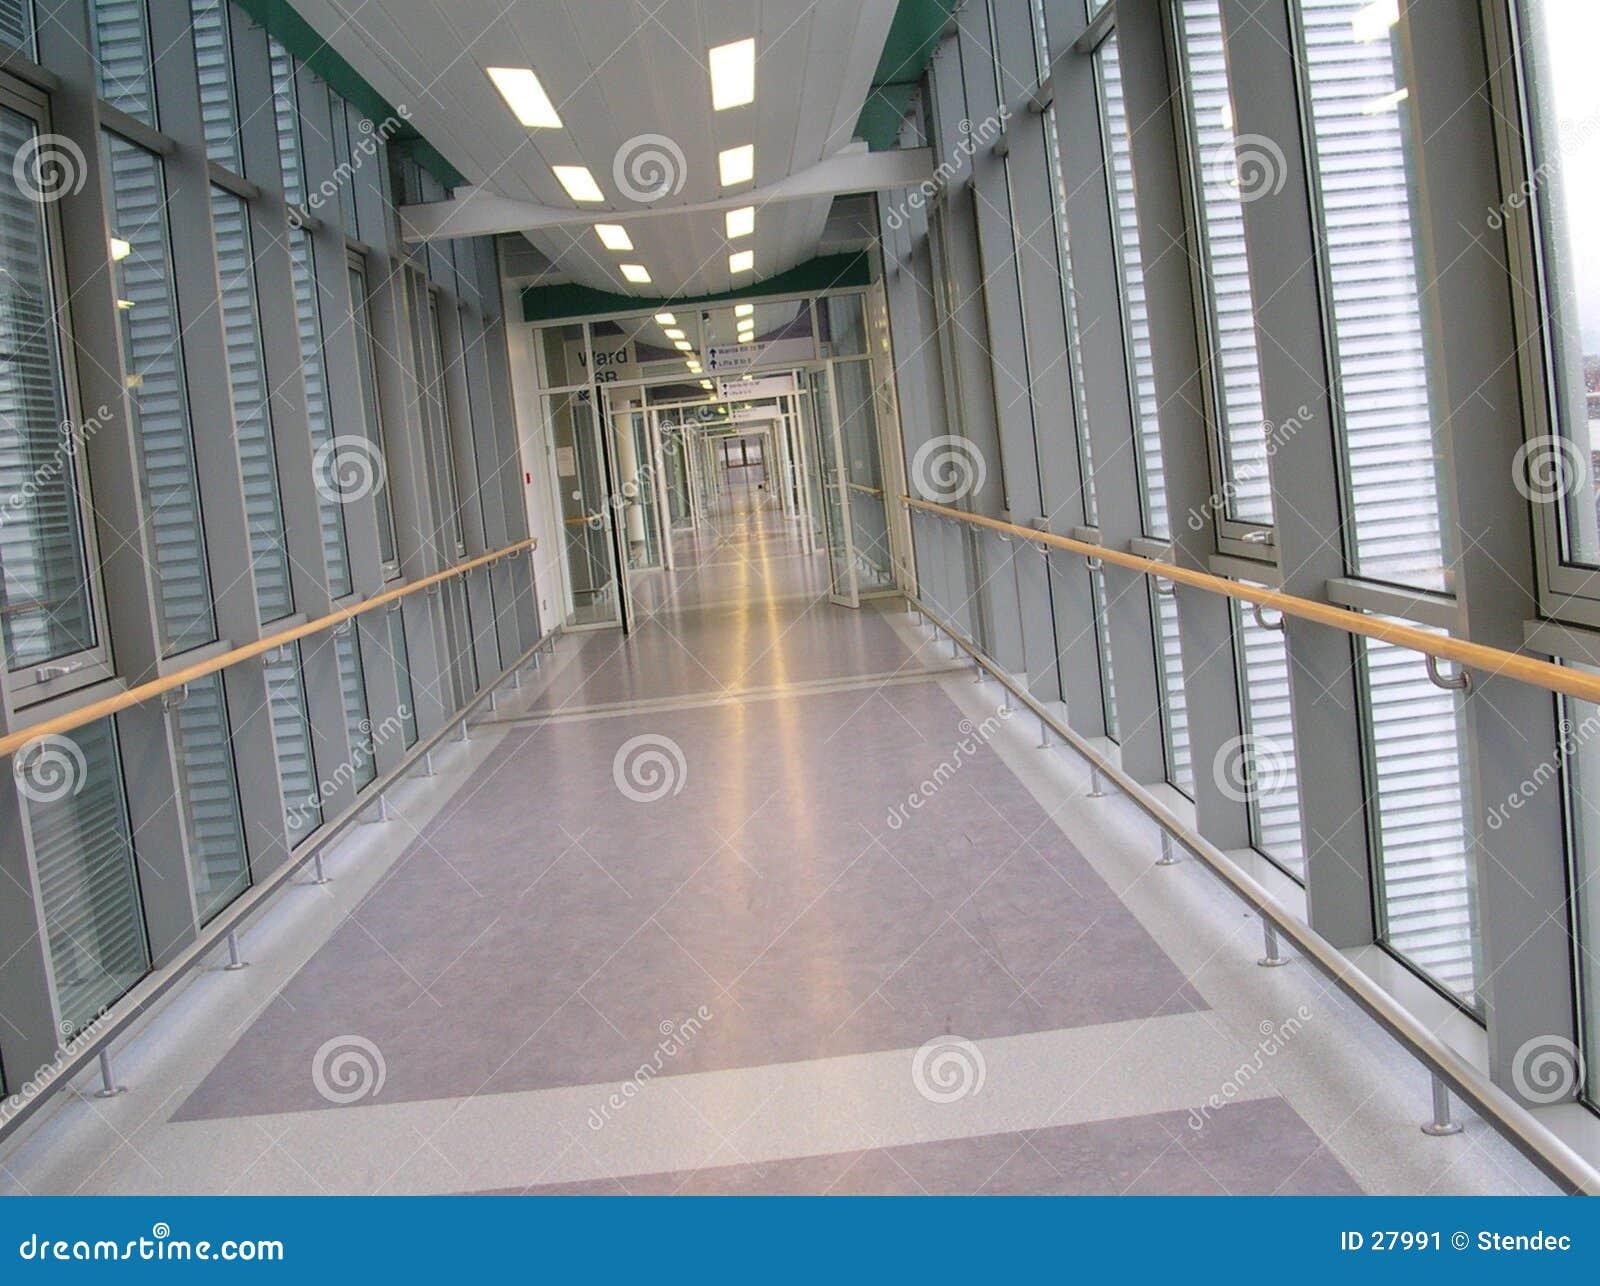 Corridoio vuoto in un ospedale